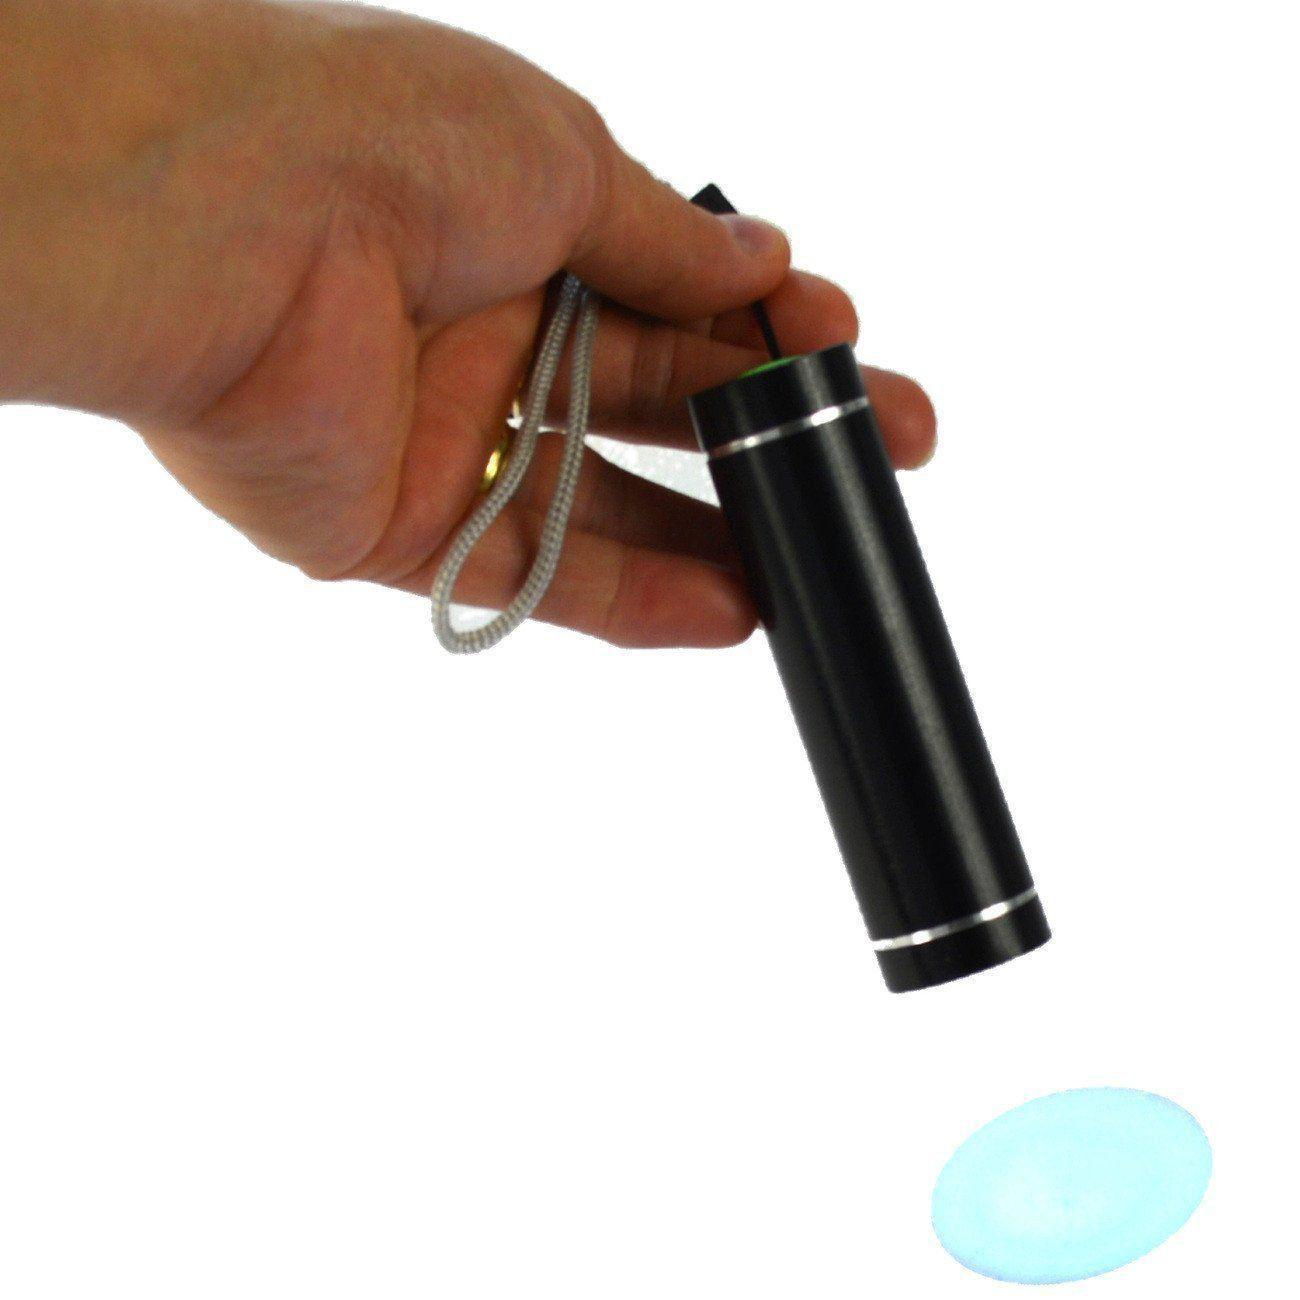 Detector de Dinheiro Falso Escorpião Portátil Preto Kit 5 Peças CBRN07264